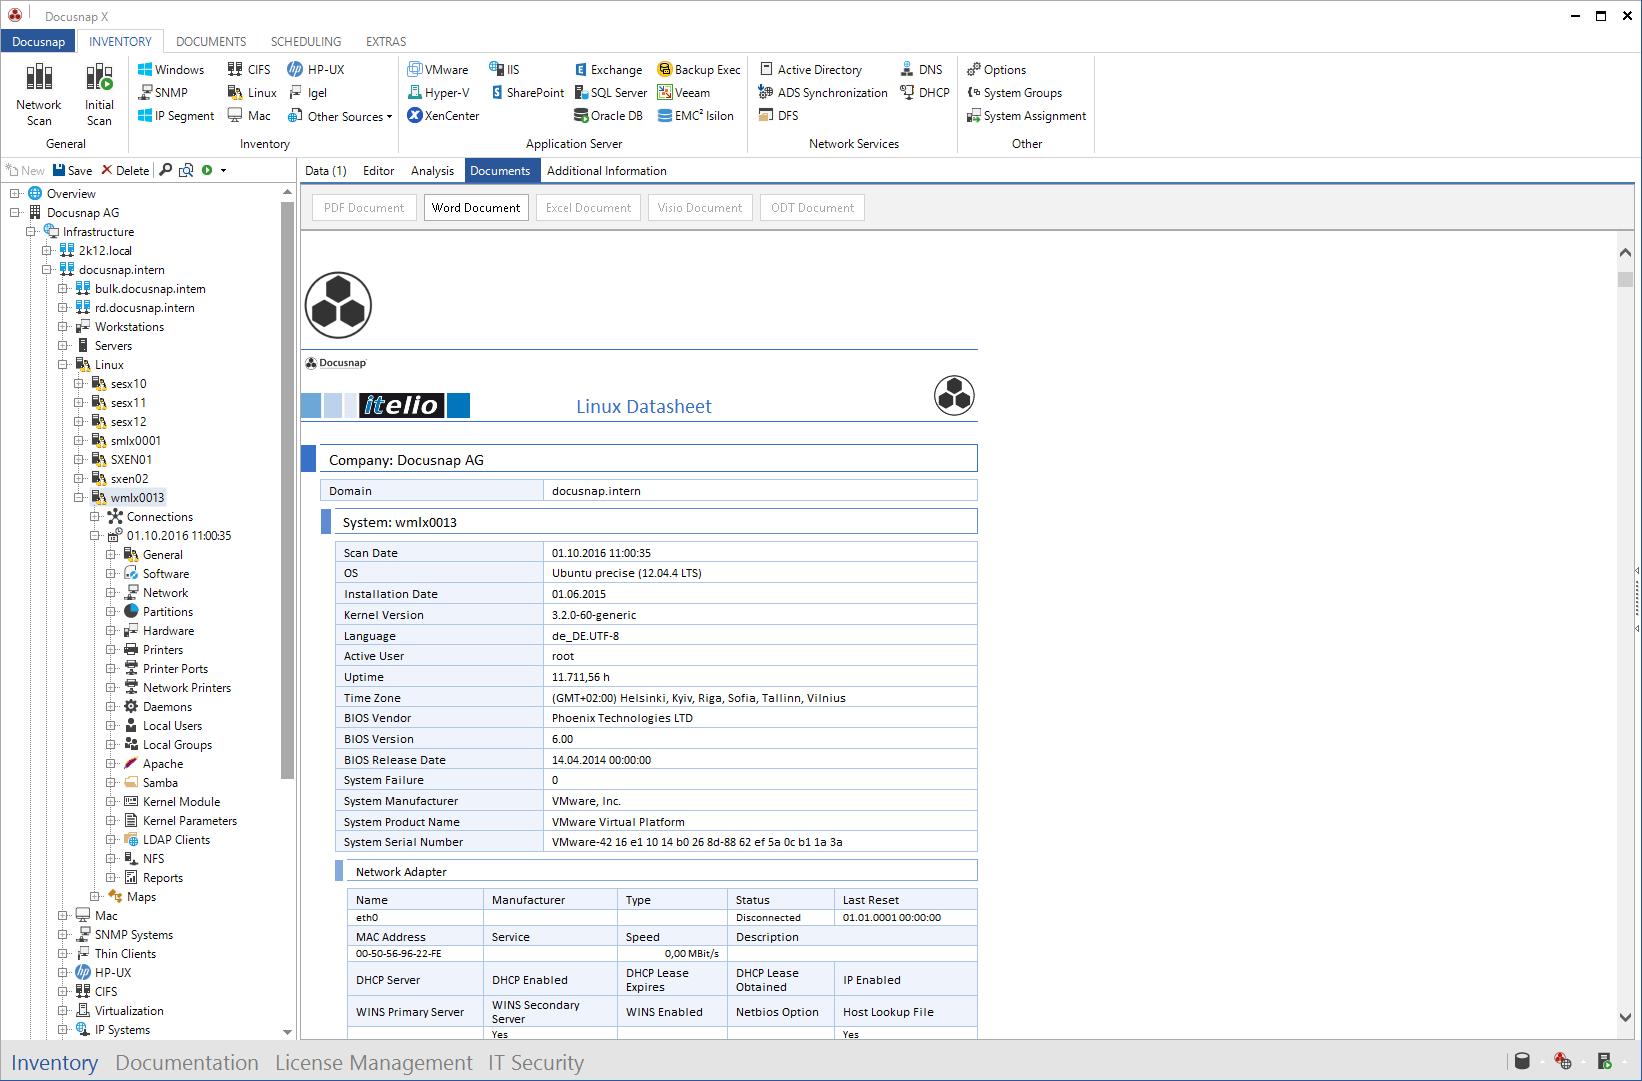 Linux Datasheet